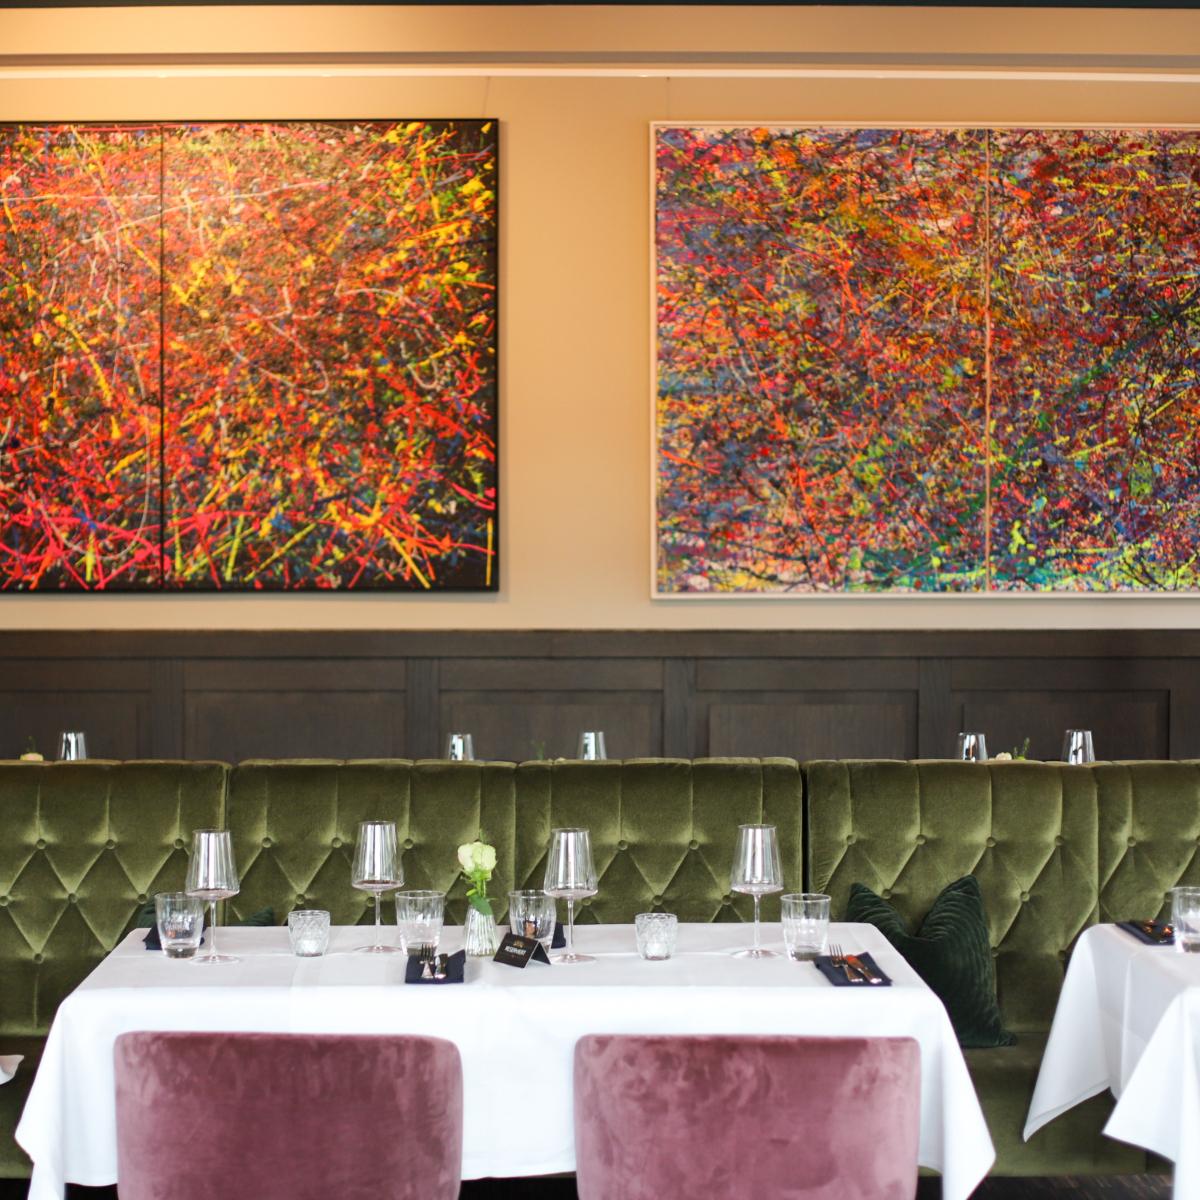 The Rose Bar & Kitchen Berlin